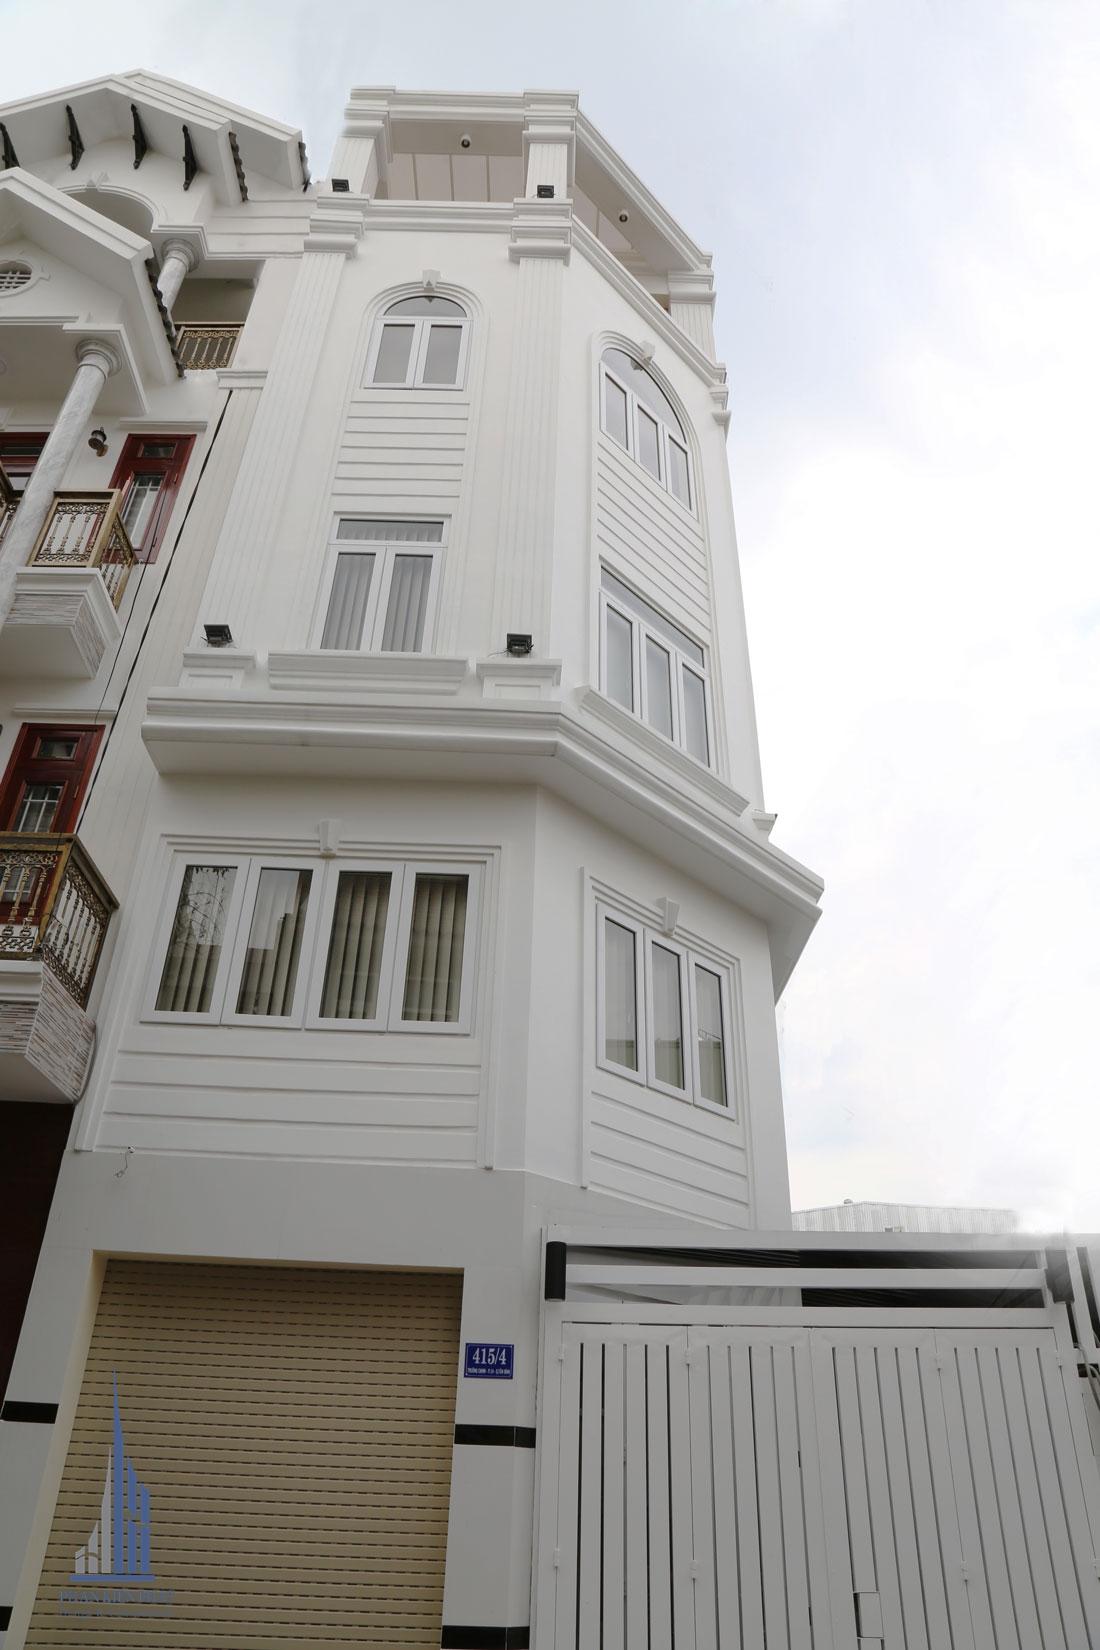 Mặt tiền Công trình biệt thự phố 4 tầng diện tích 4,5m x 12,5m hiện đại sang trọng thu hút mọi ánh nhìn